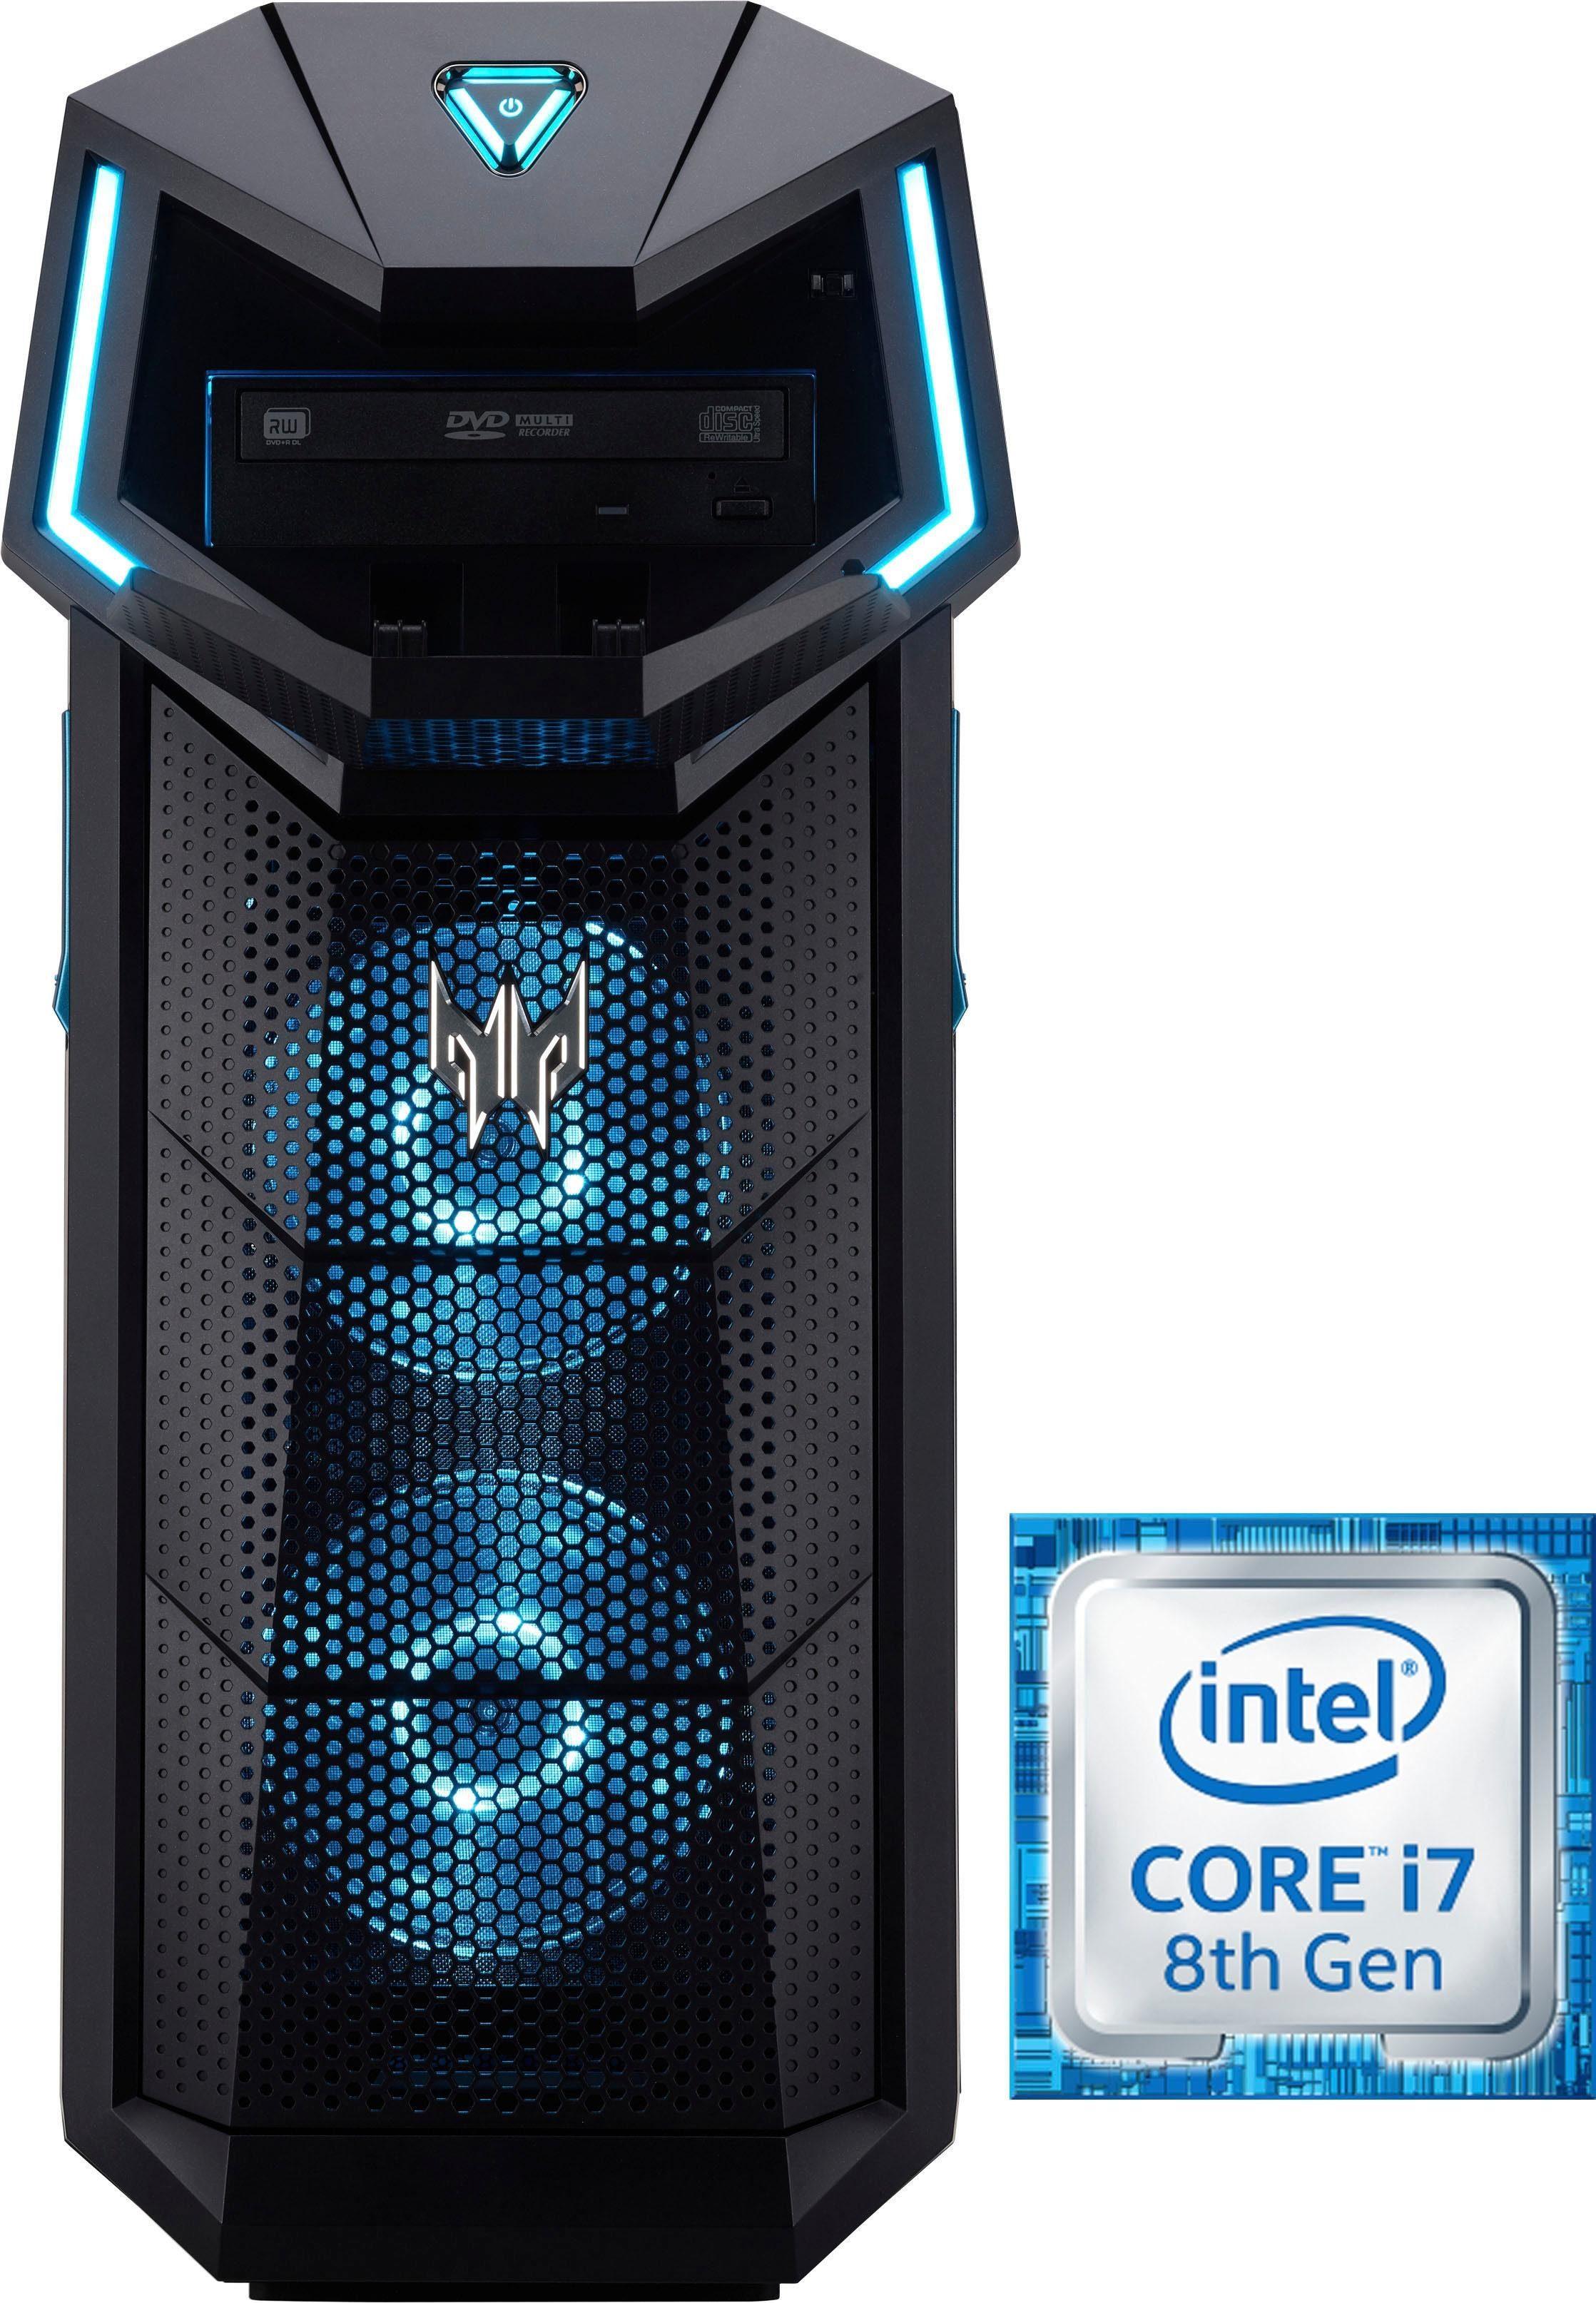 Acer Predator Orion 5000 DG.E0SEG.010 Gaming-PC (Intel® Core i7, 16 GB RAM, 2000 GB HDD, 256 GB SSD)